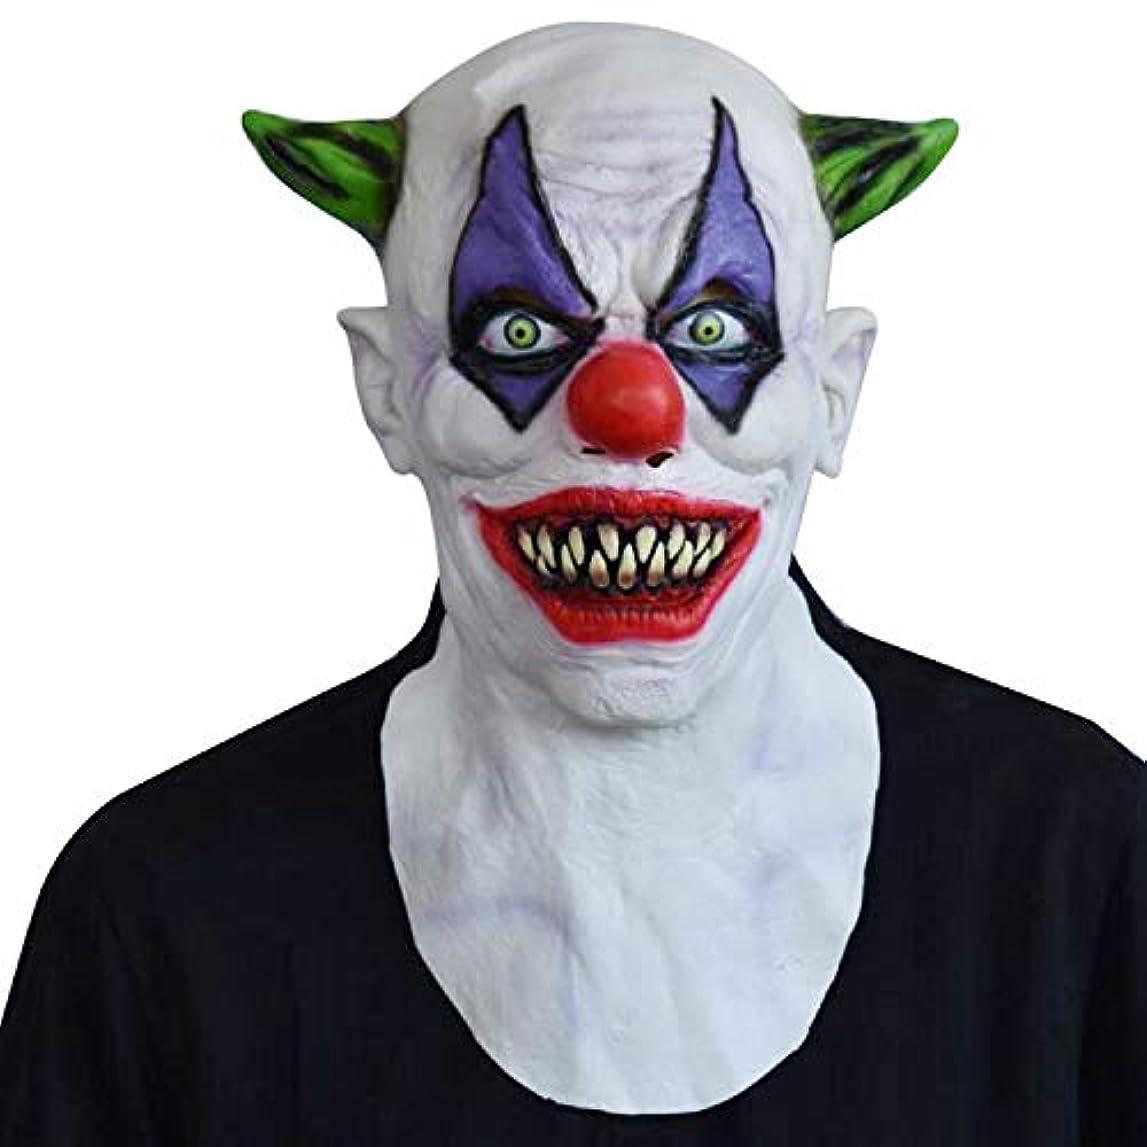 銃夏やめるホラーグリーンホーンピエロはしかめっ面犬ラテックス帽子ハロウィンクリスマスパーティーの小道具マスクマスク